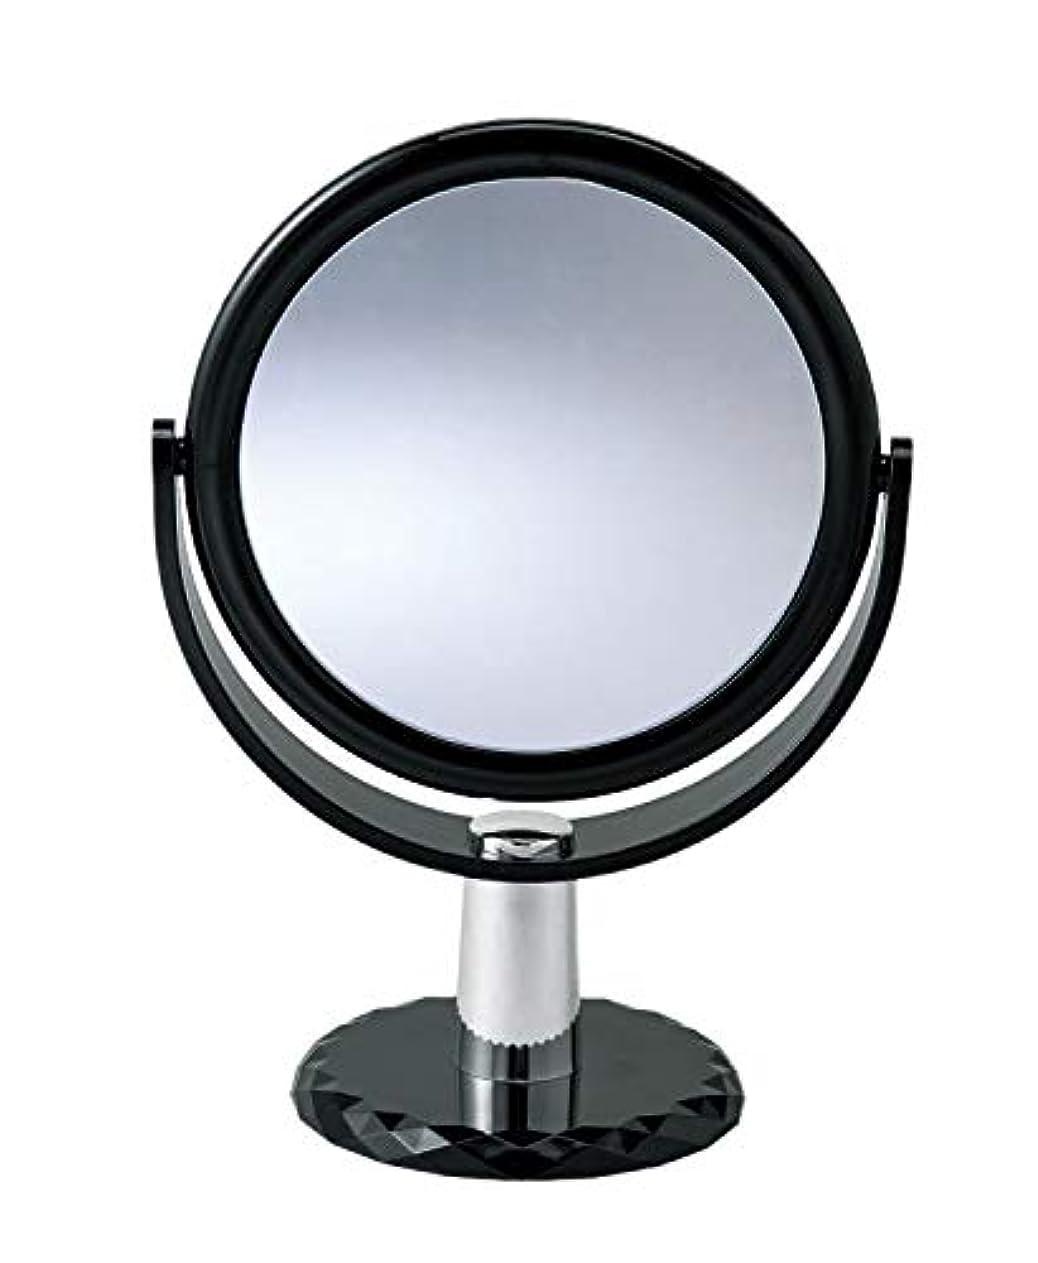 積分撤退ユダヤ人10倍拡大鏡付きの2面ミラー 卓上 スタンドミラー 化粧鏡 メイク 360度回転